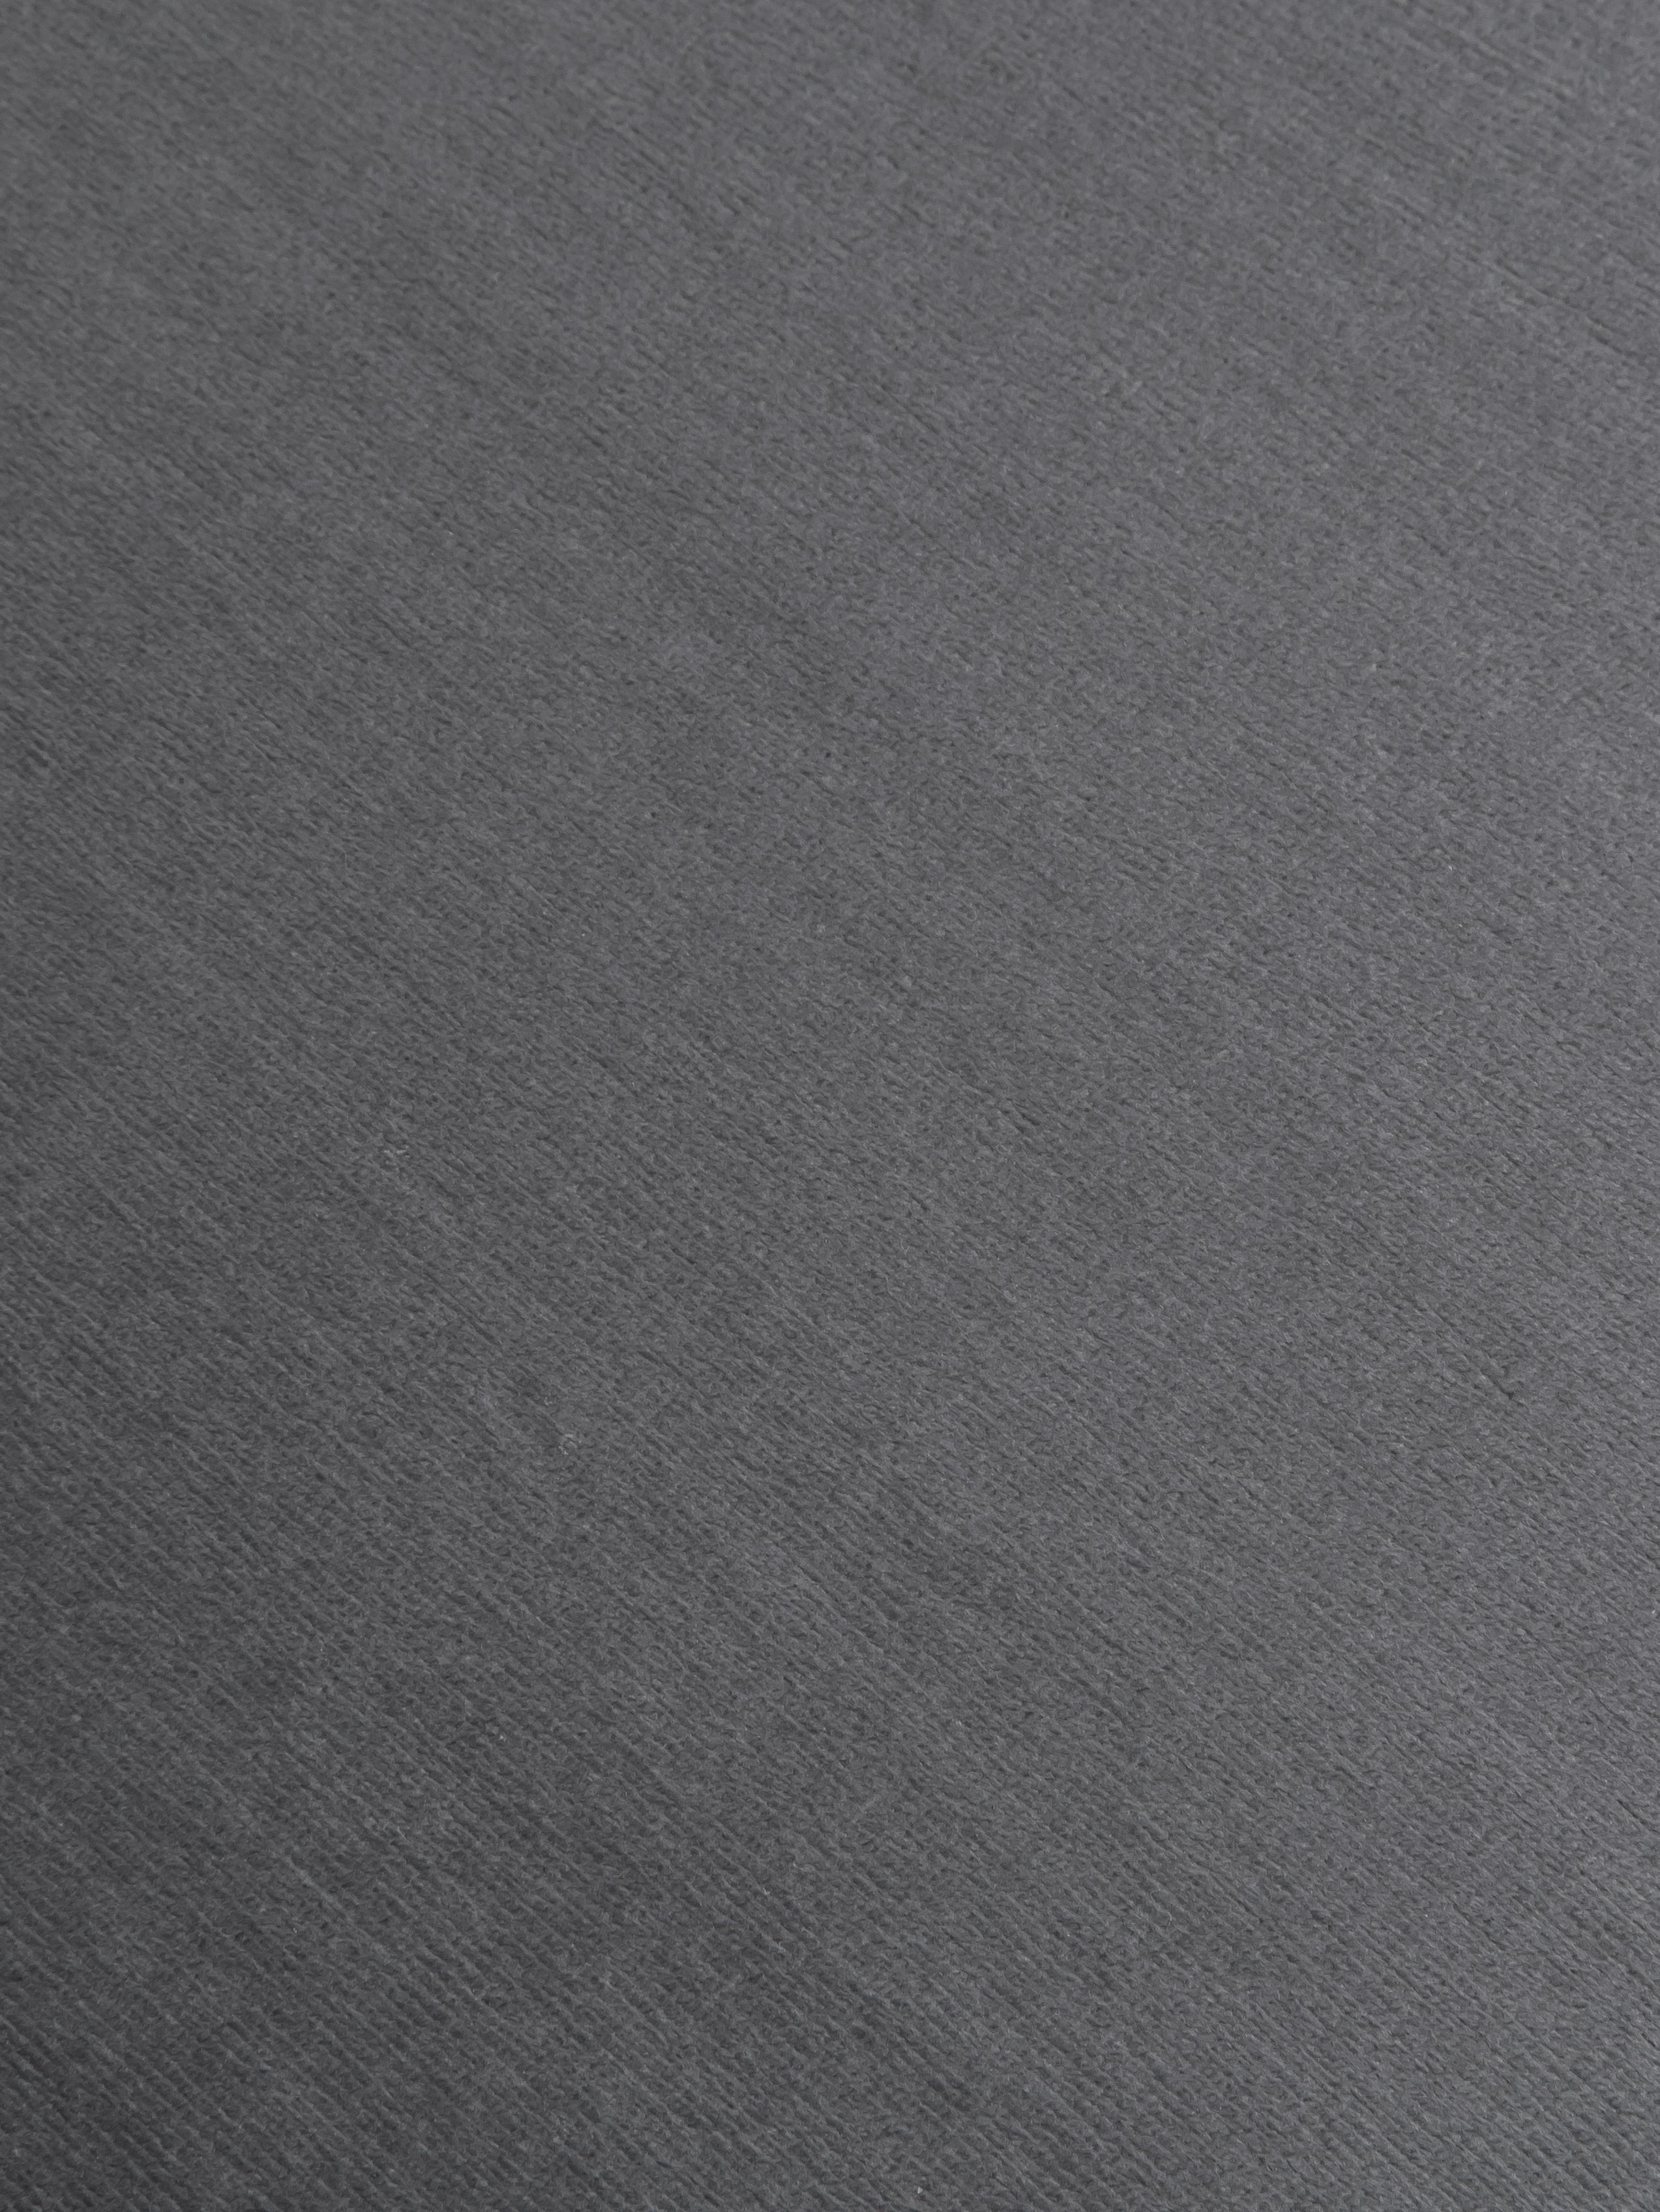 Silla con reposabrazos de terciopelo Rachel, Tapizado: terciopelo (poliéster) 50, Patas: metal con pintura en polv, Terciopelo gris oscuro, patas negro, An 47 x F 64 cm